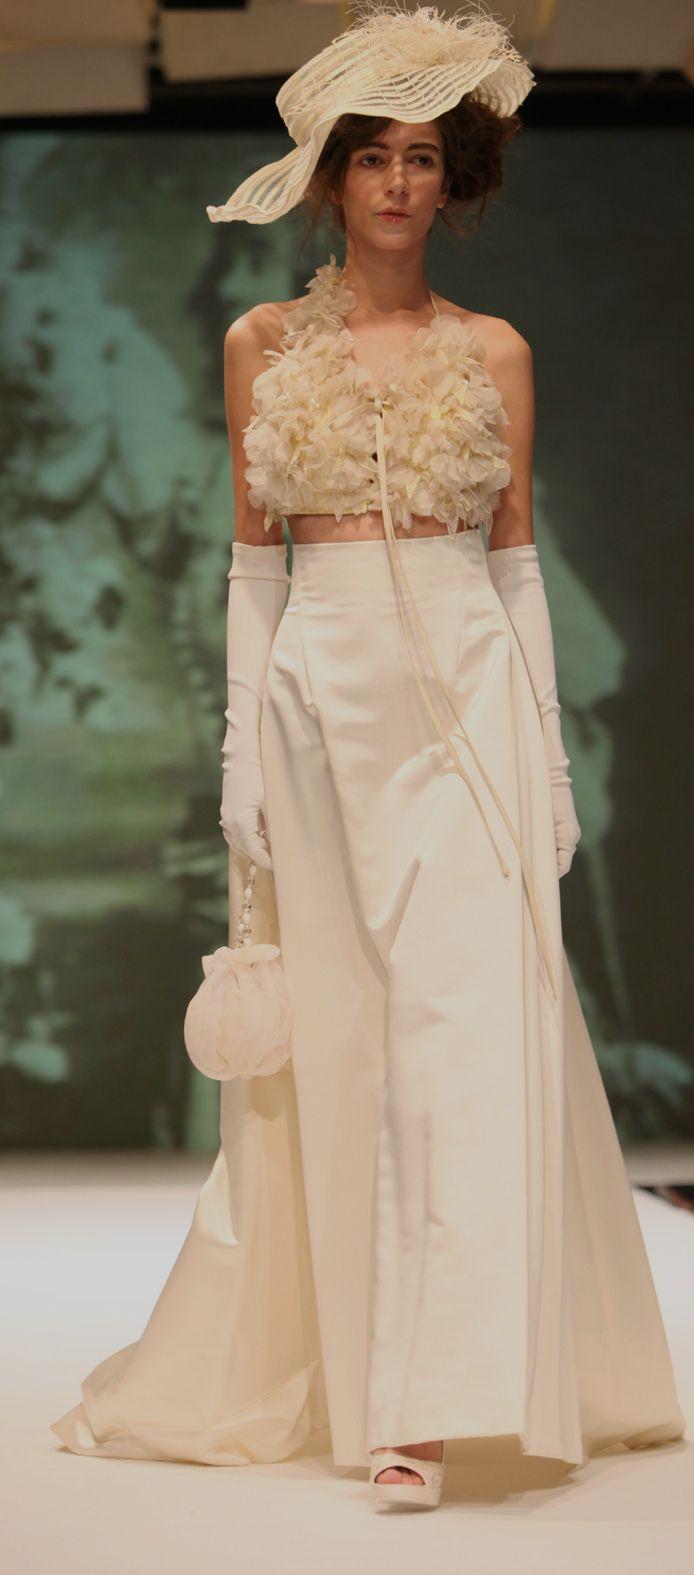 Spose di Fiaba,ispirazione toscana 1900,con molto romanticismo spiritoso. Brides of Fairy Tale, Tuscan-inspired 1900 with very witty romance. Catwalk picture by William di Lauro